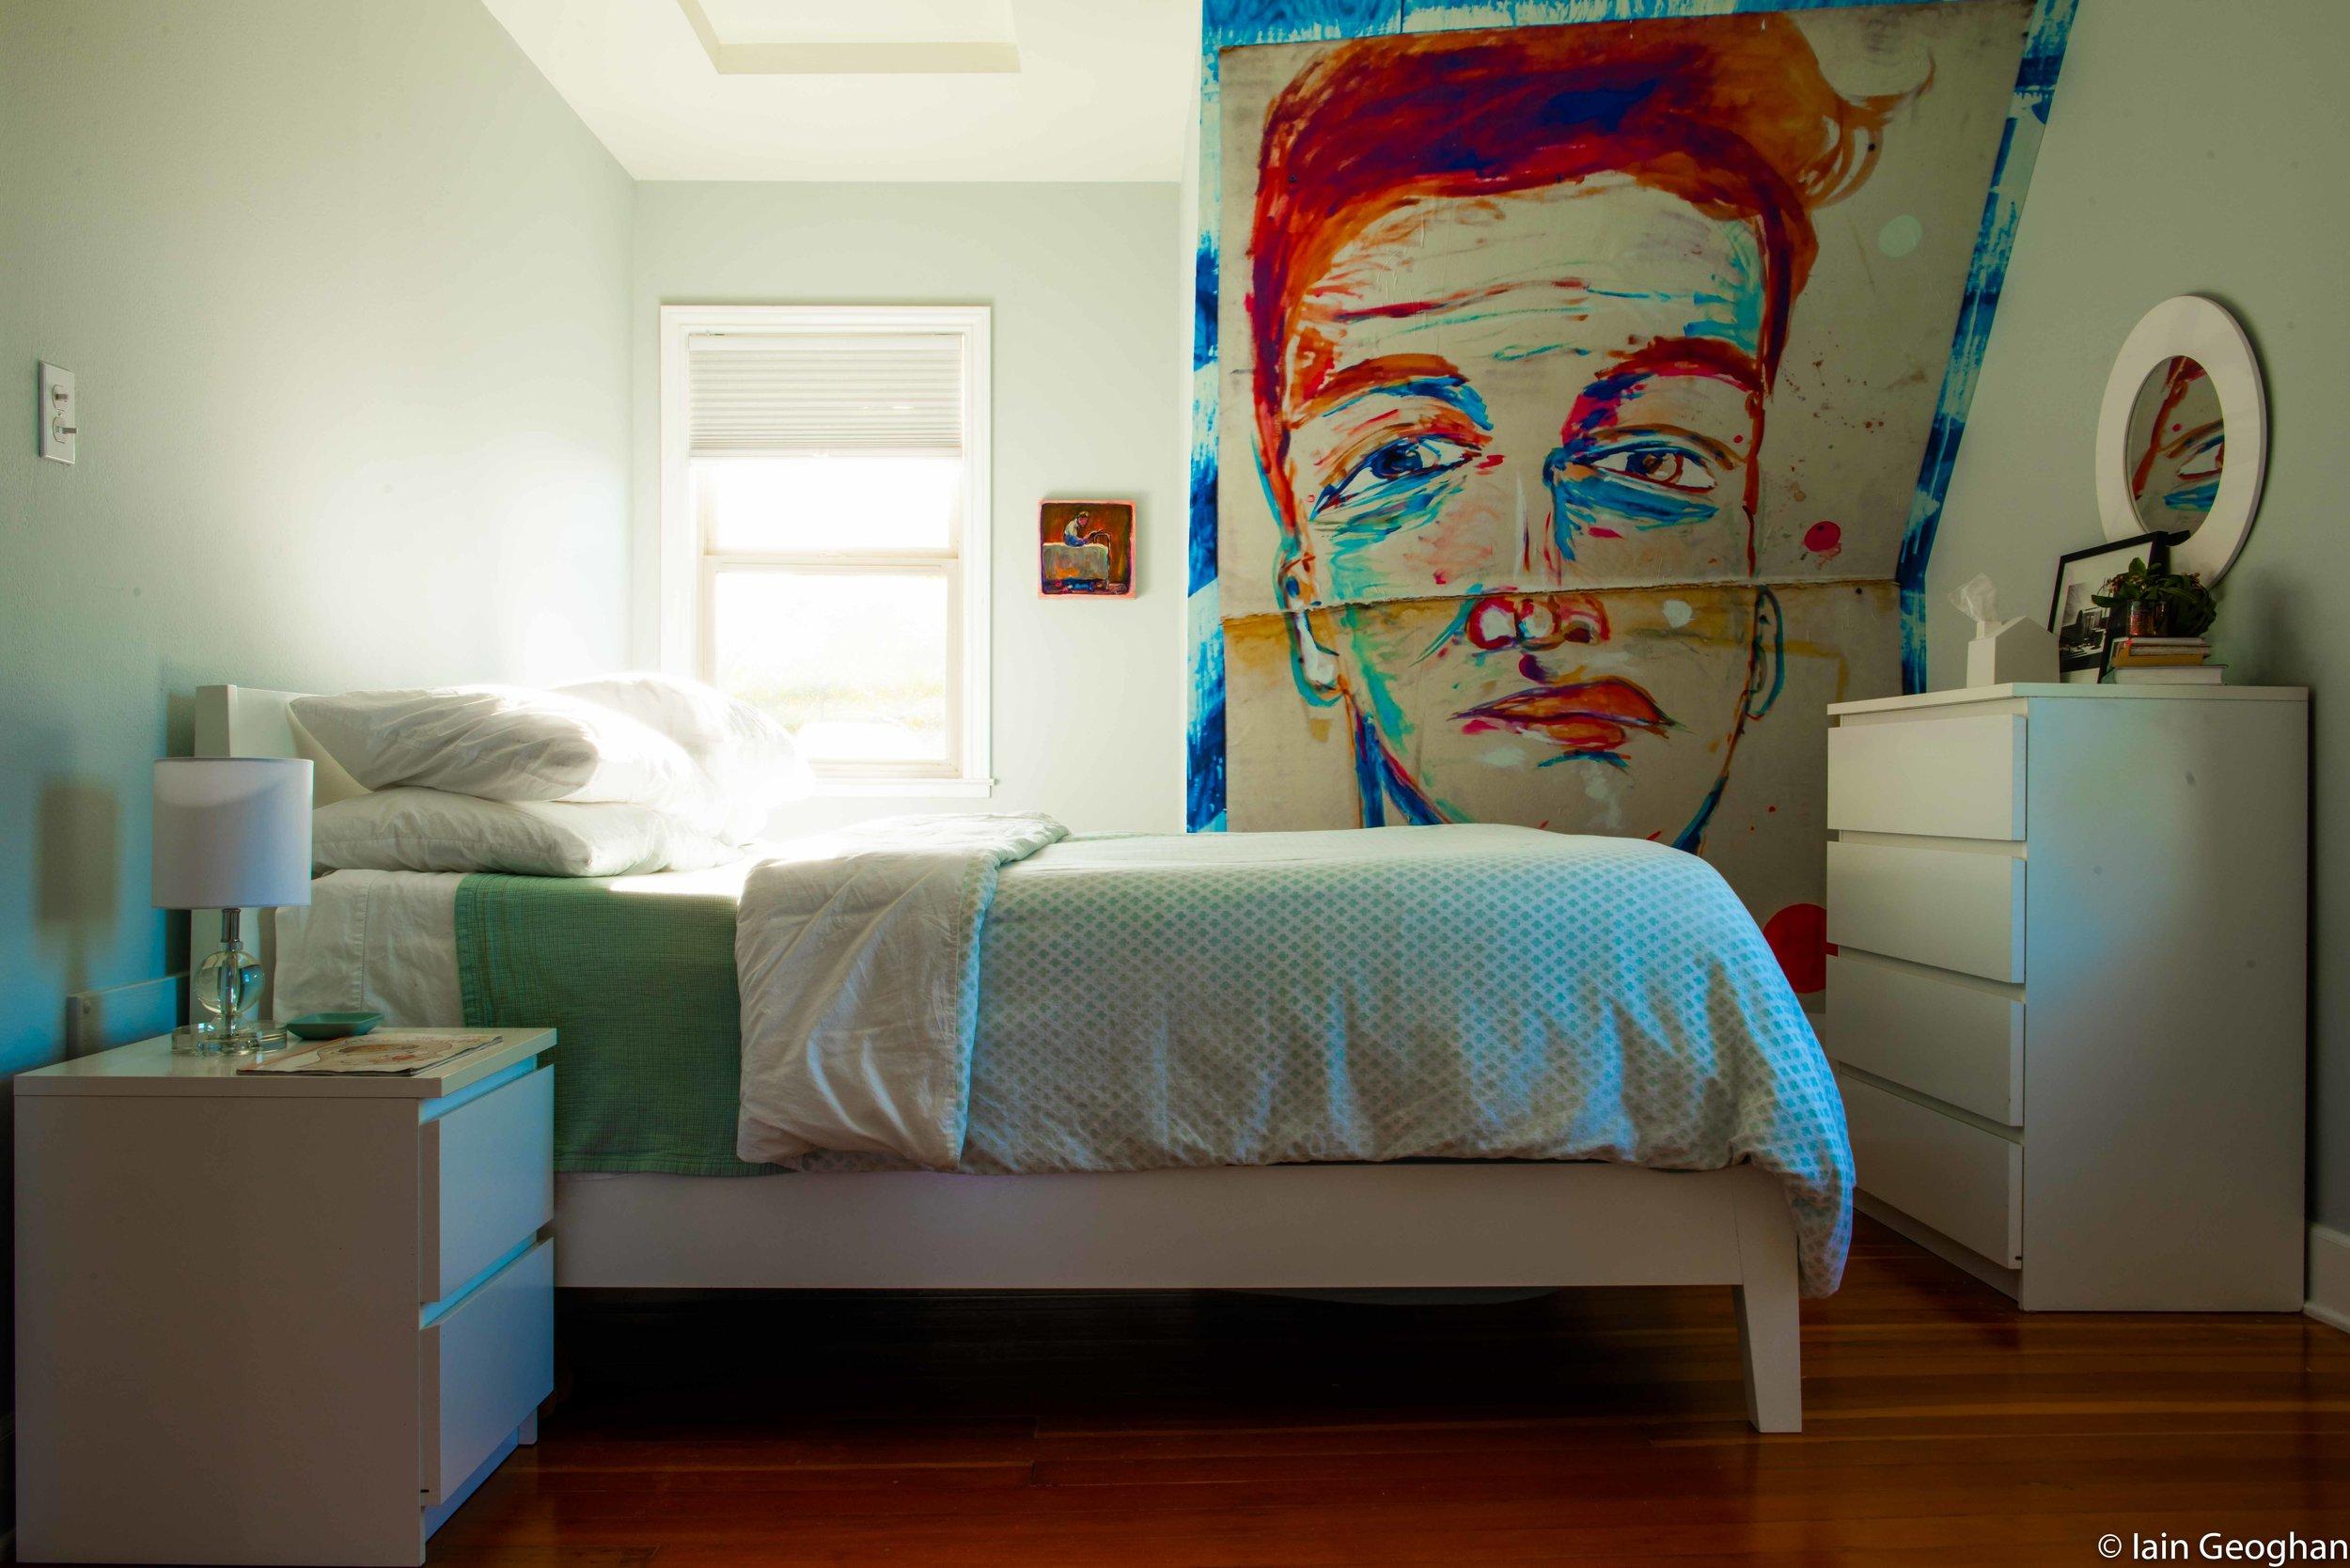 diningsingle bed room wall (1 of 1).jpg